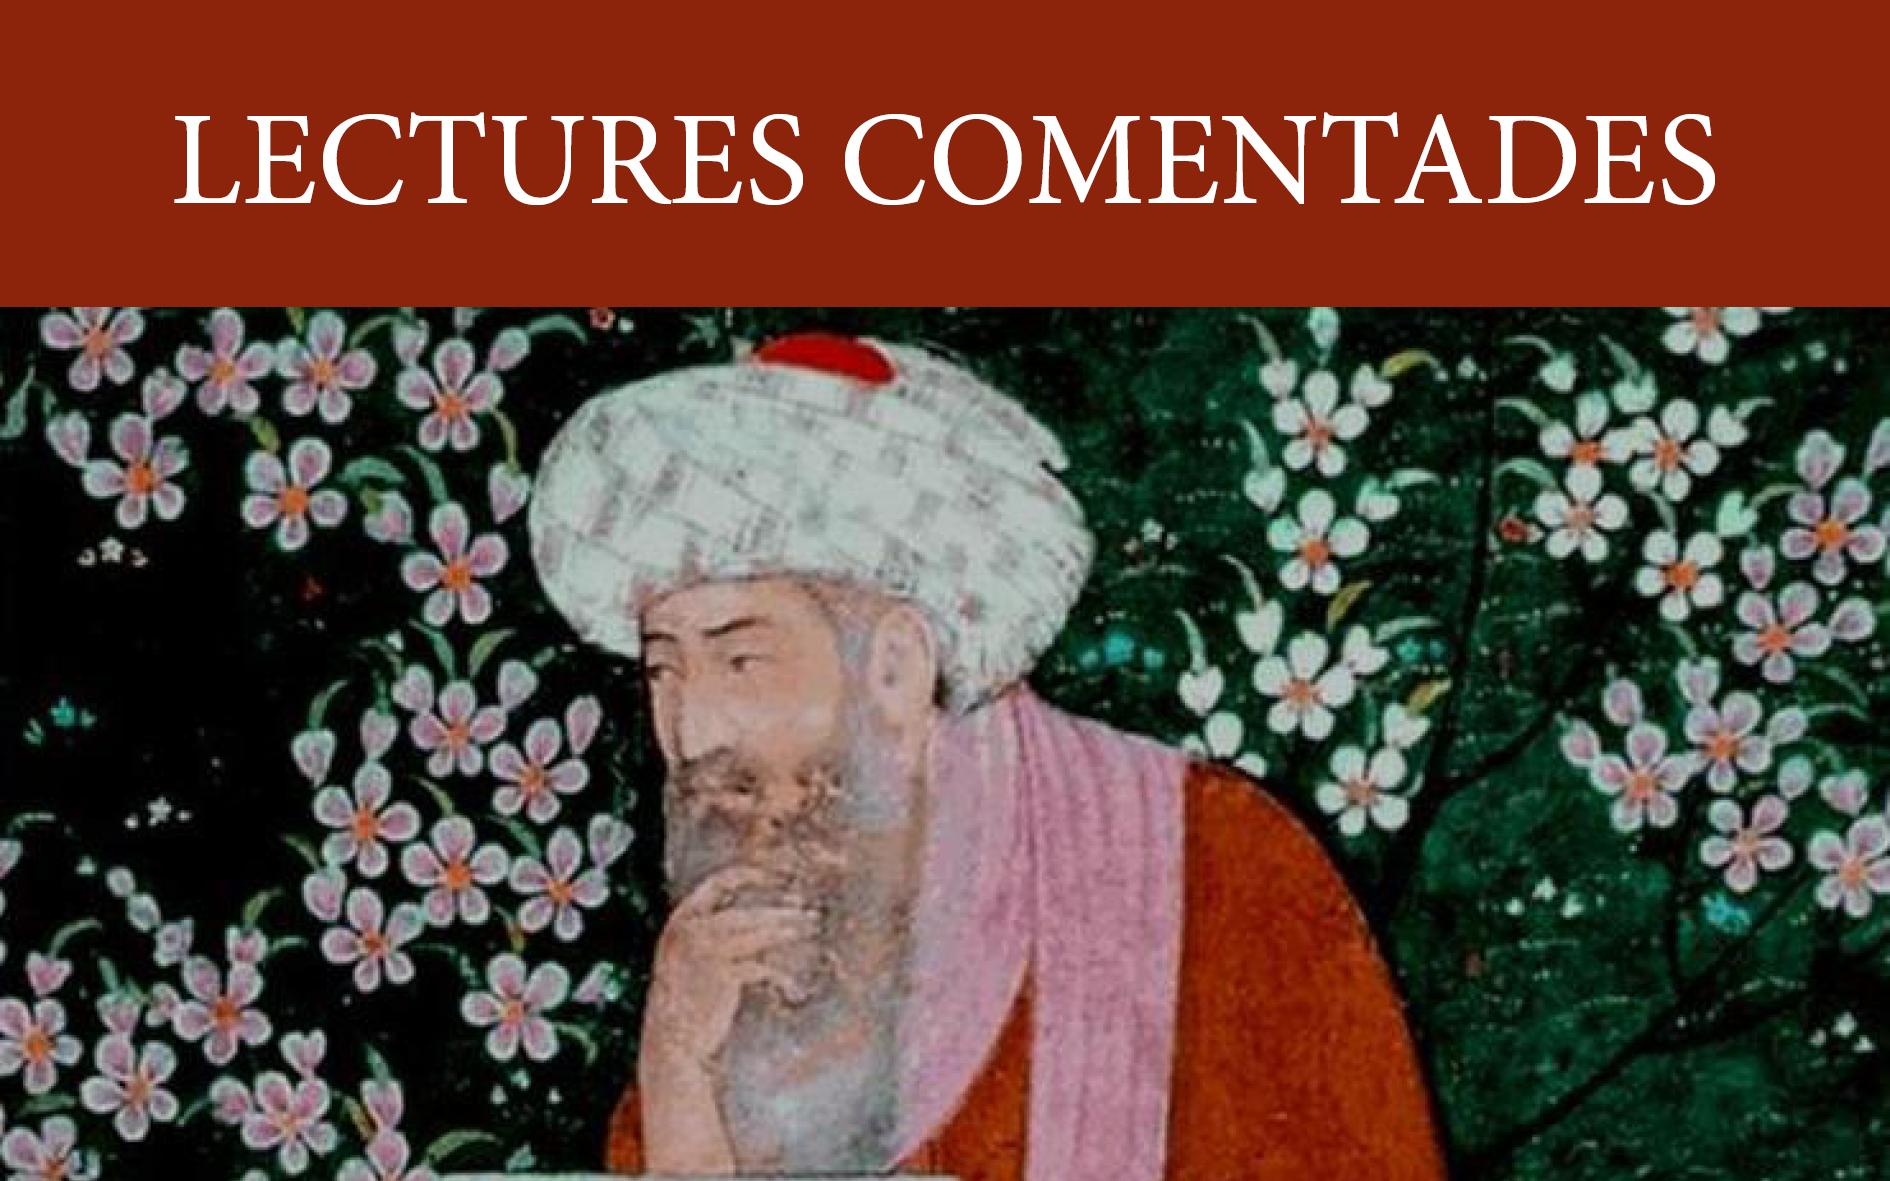 3. LECTURA COMENTADA: IBN ARABÍ – EL TRATADO DE LA UNIDAD